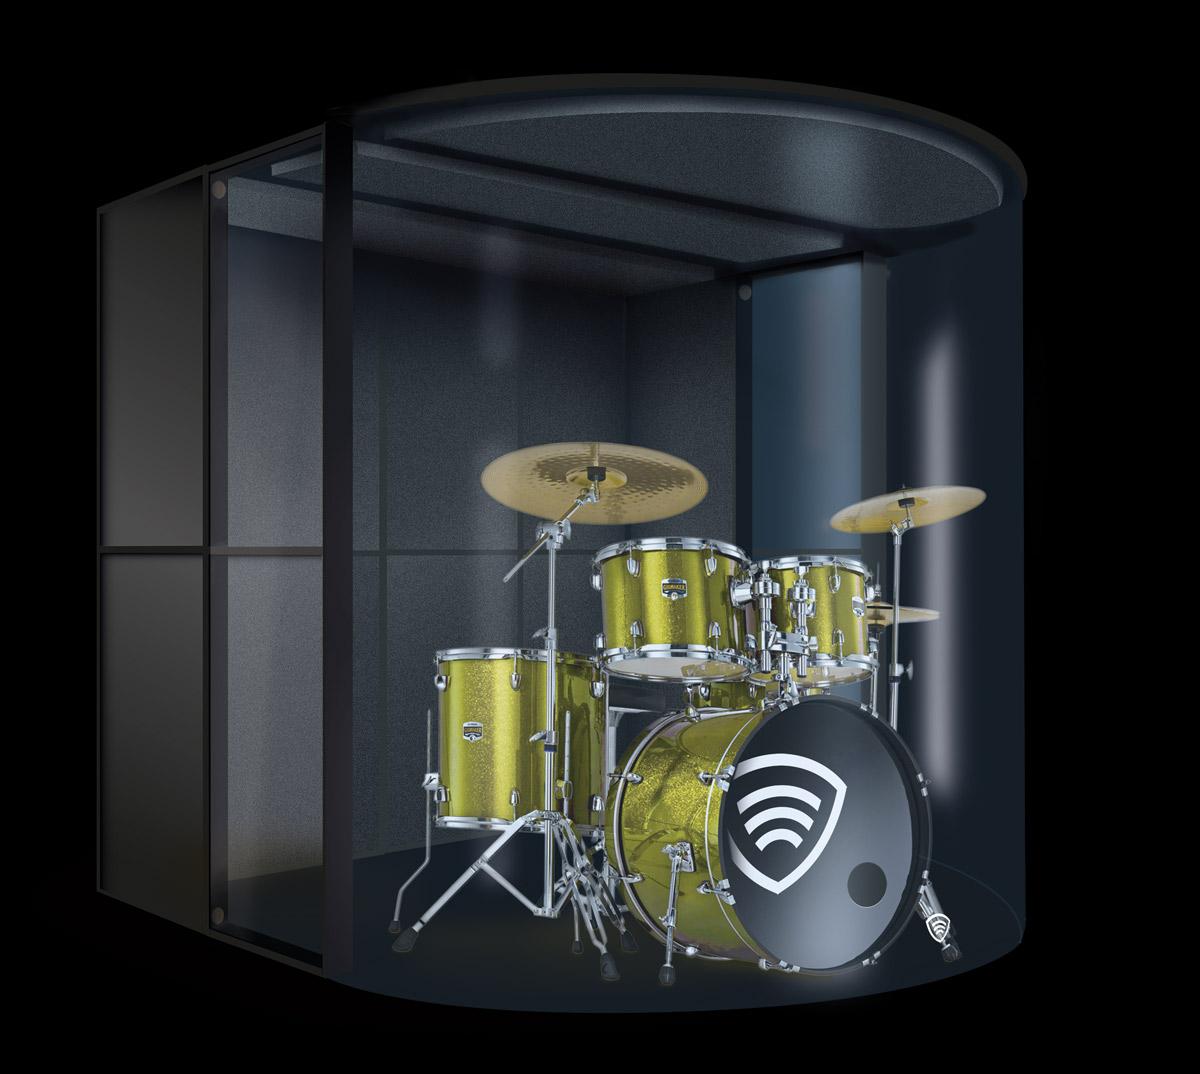 Bild Klangschild Stage Kit auf schwarzem Hintergrund